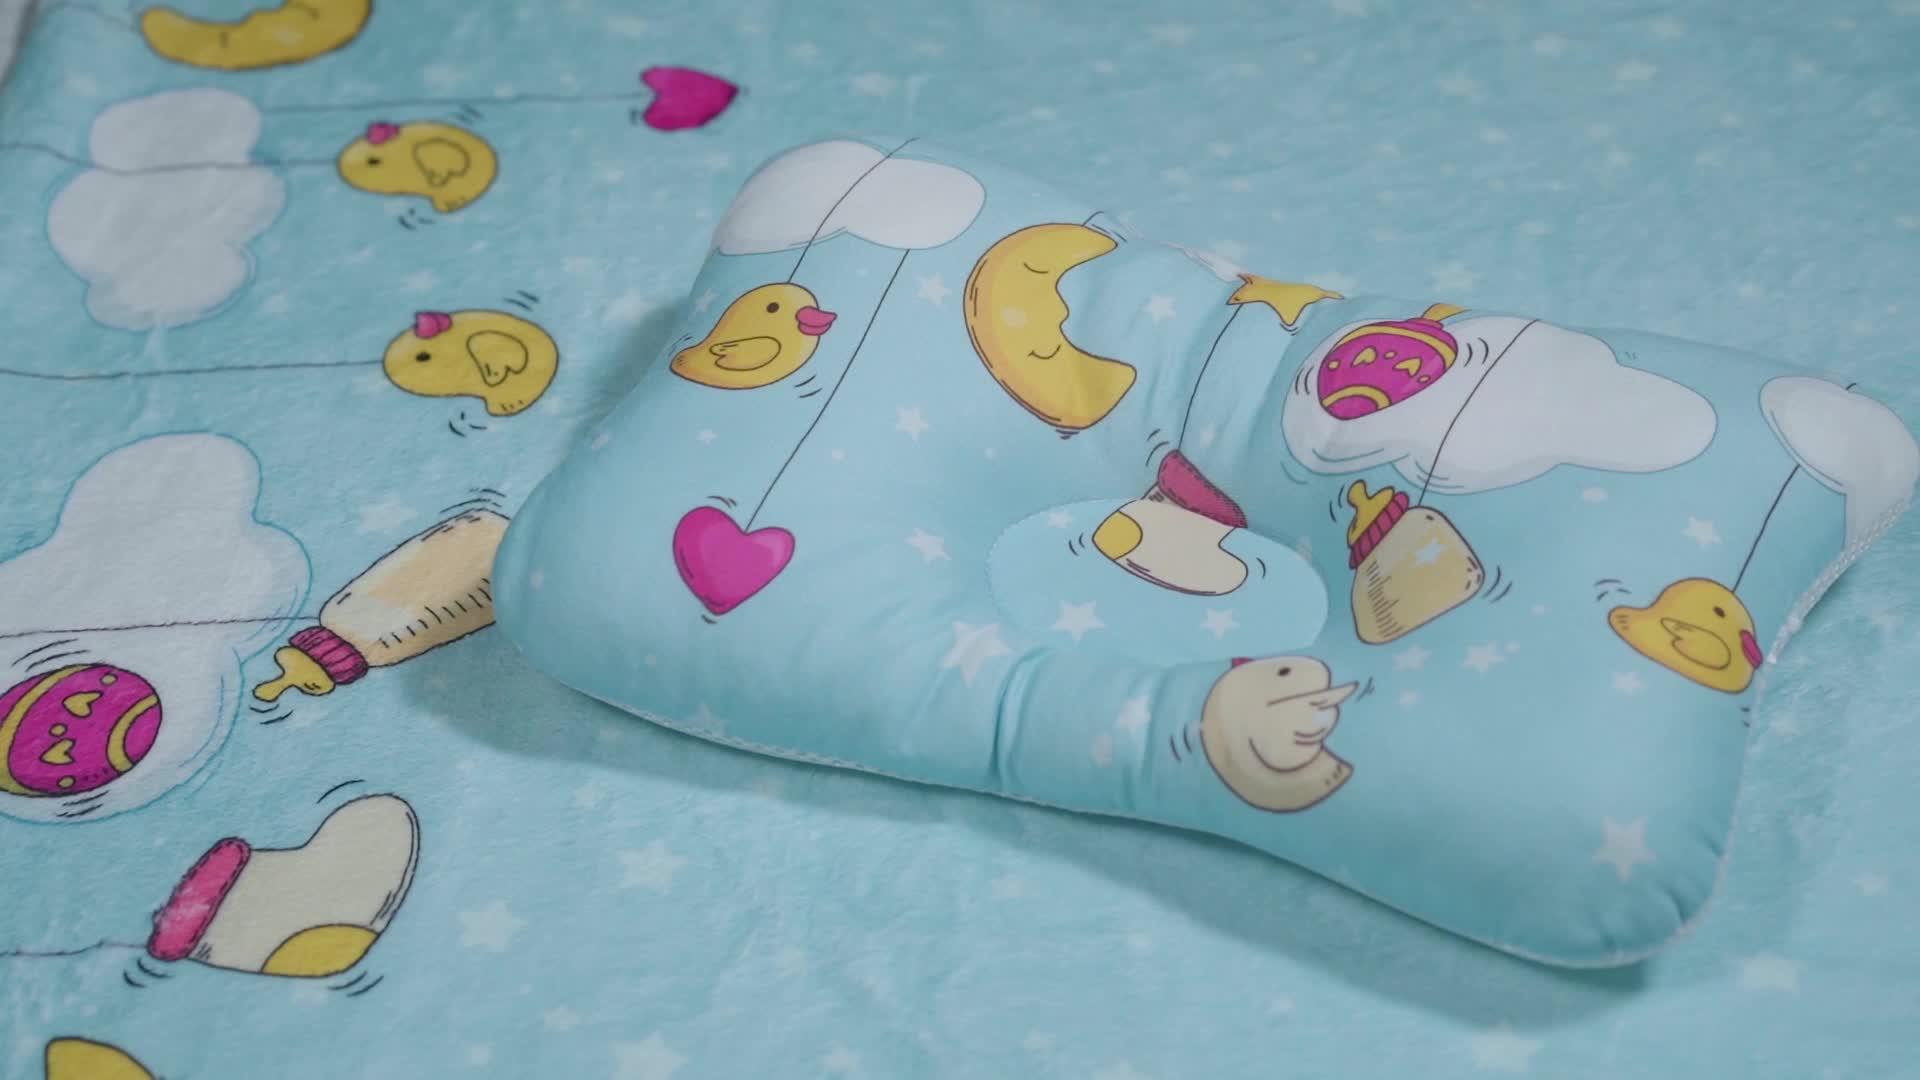 3dメッシュ卸売赤ちゃん3dネットエアメッシュ枕防ぐフラットヘッドベビー枕